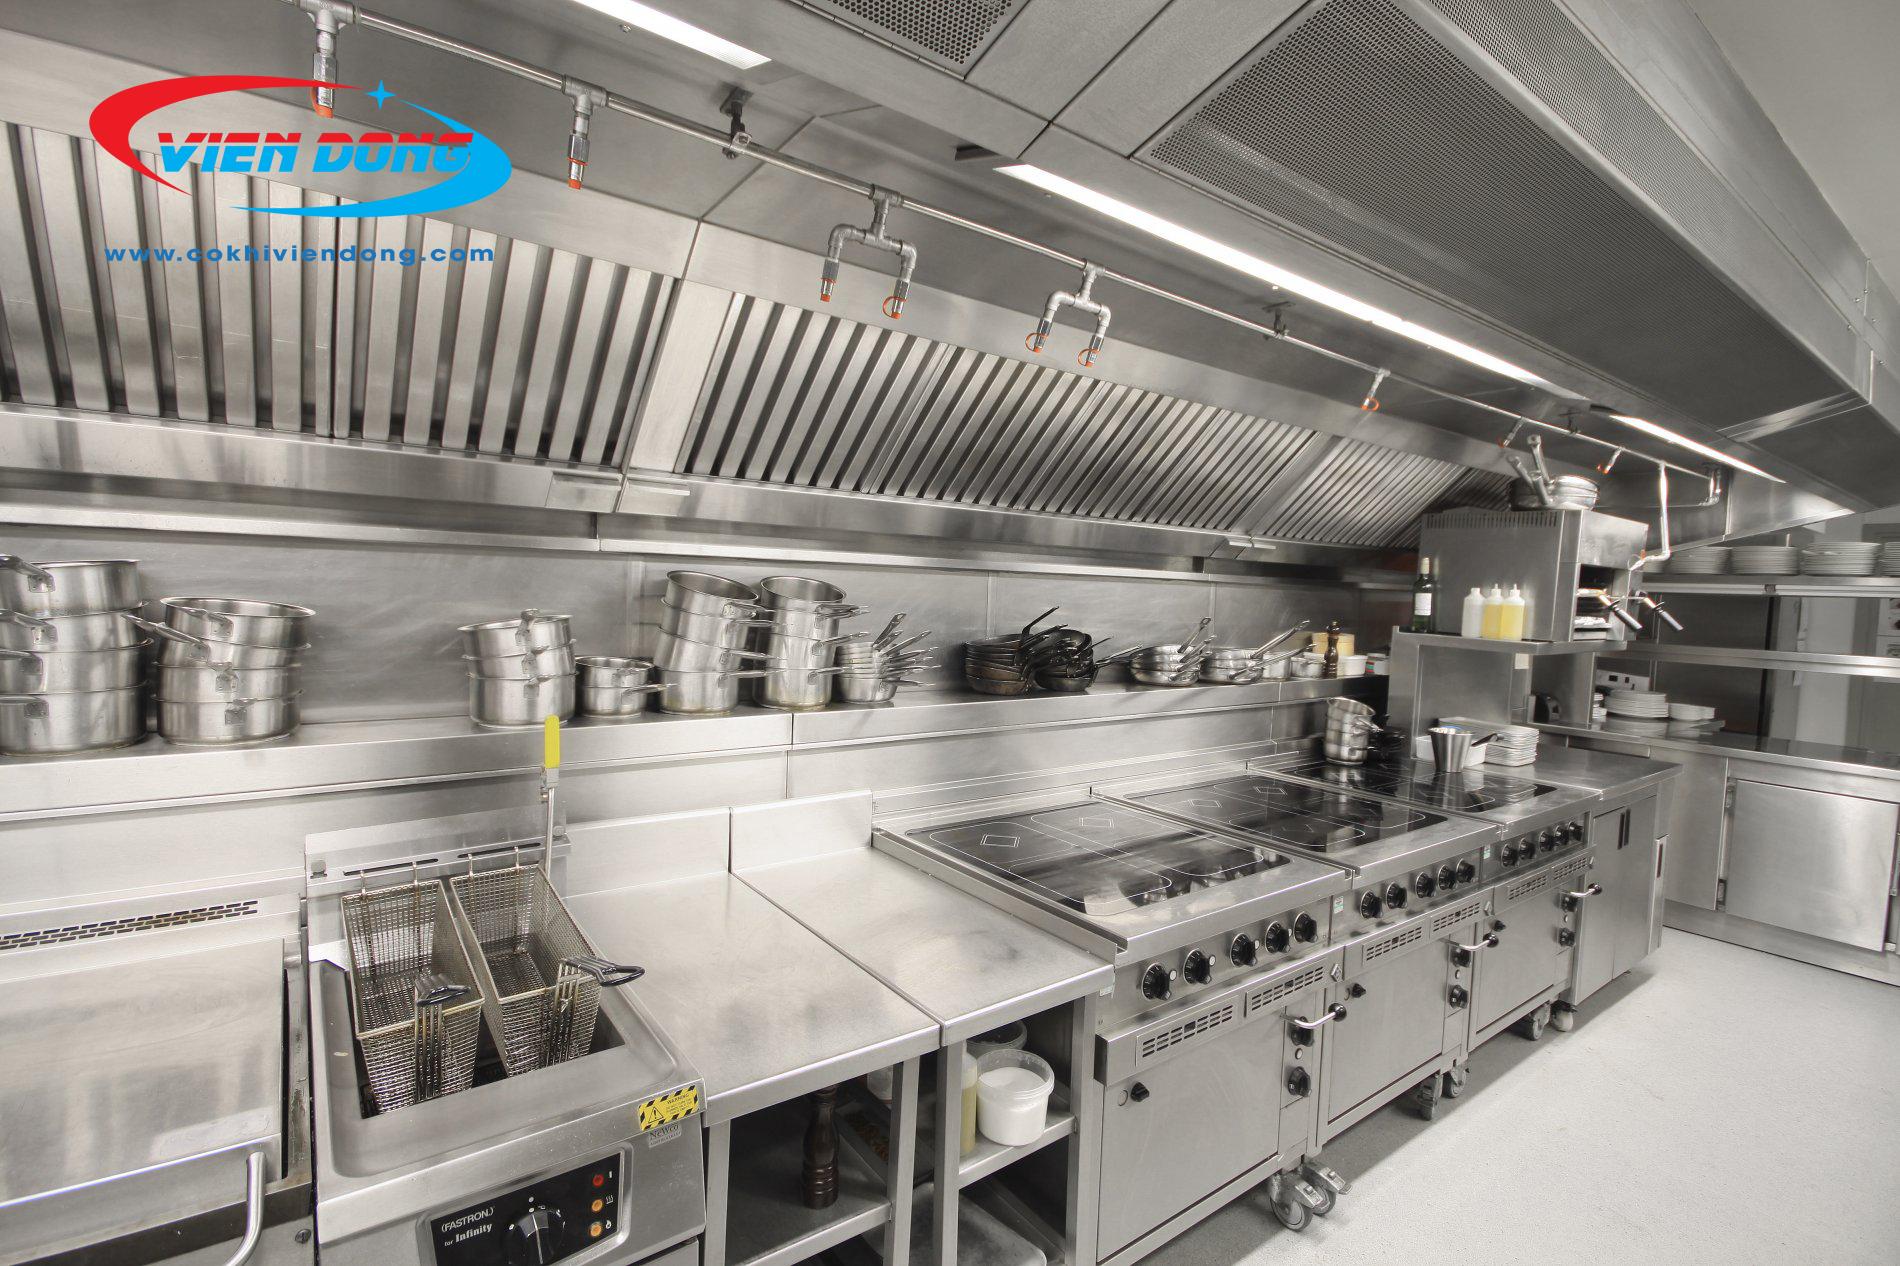 đơn vị cung cấp thiết bị bếp nhà hàng